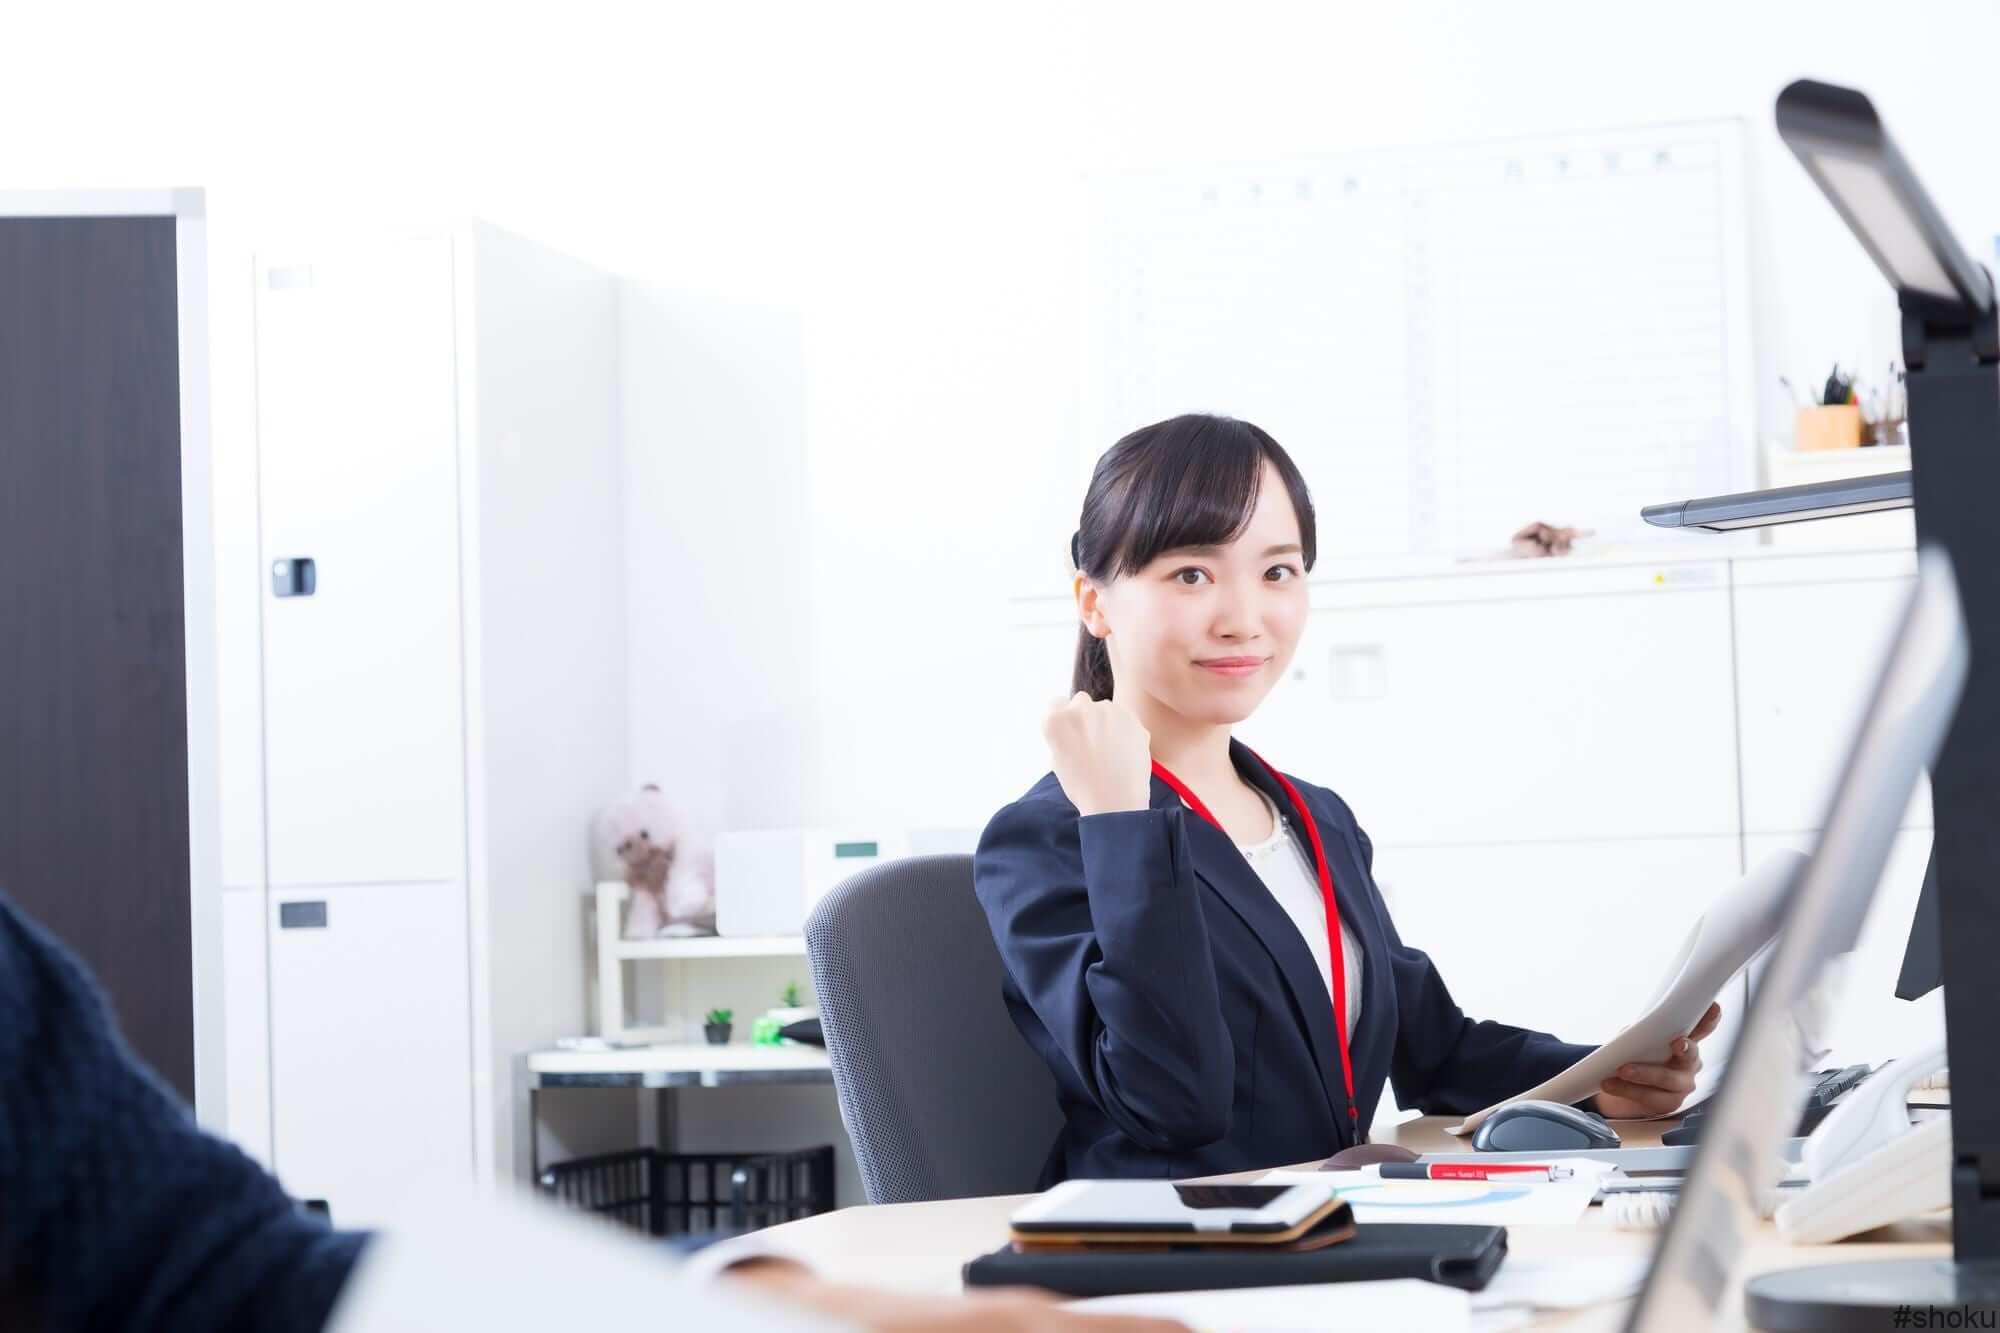 経理職にやりがいを感じている女性